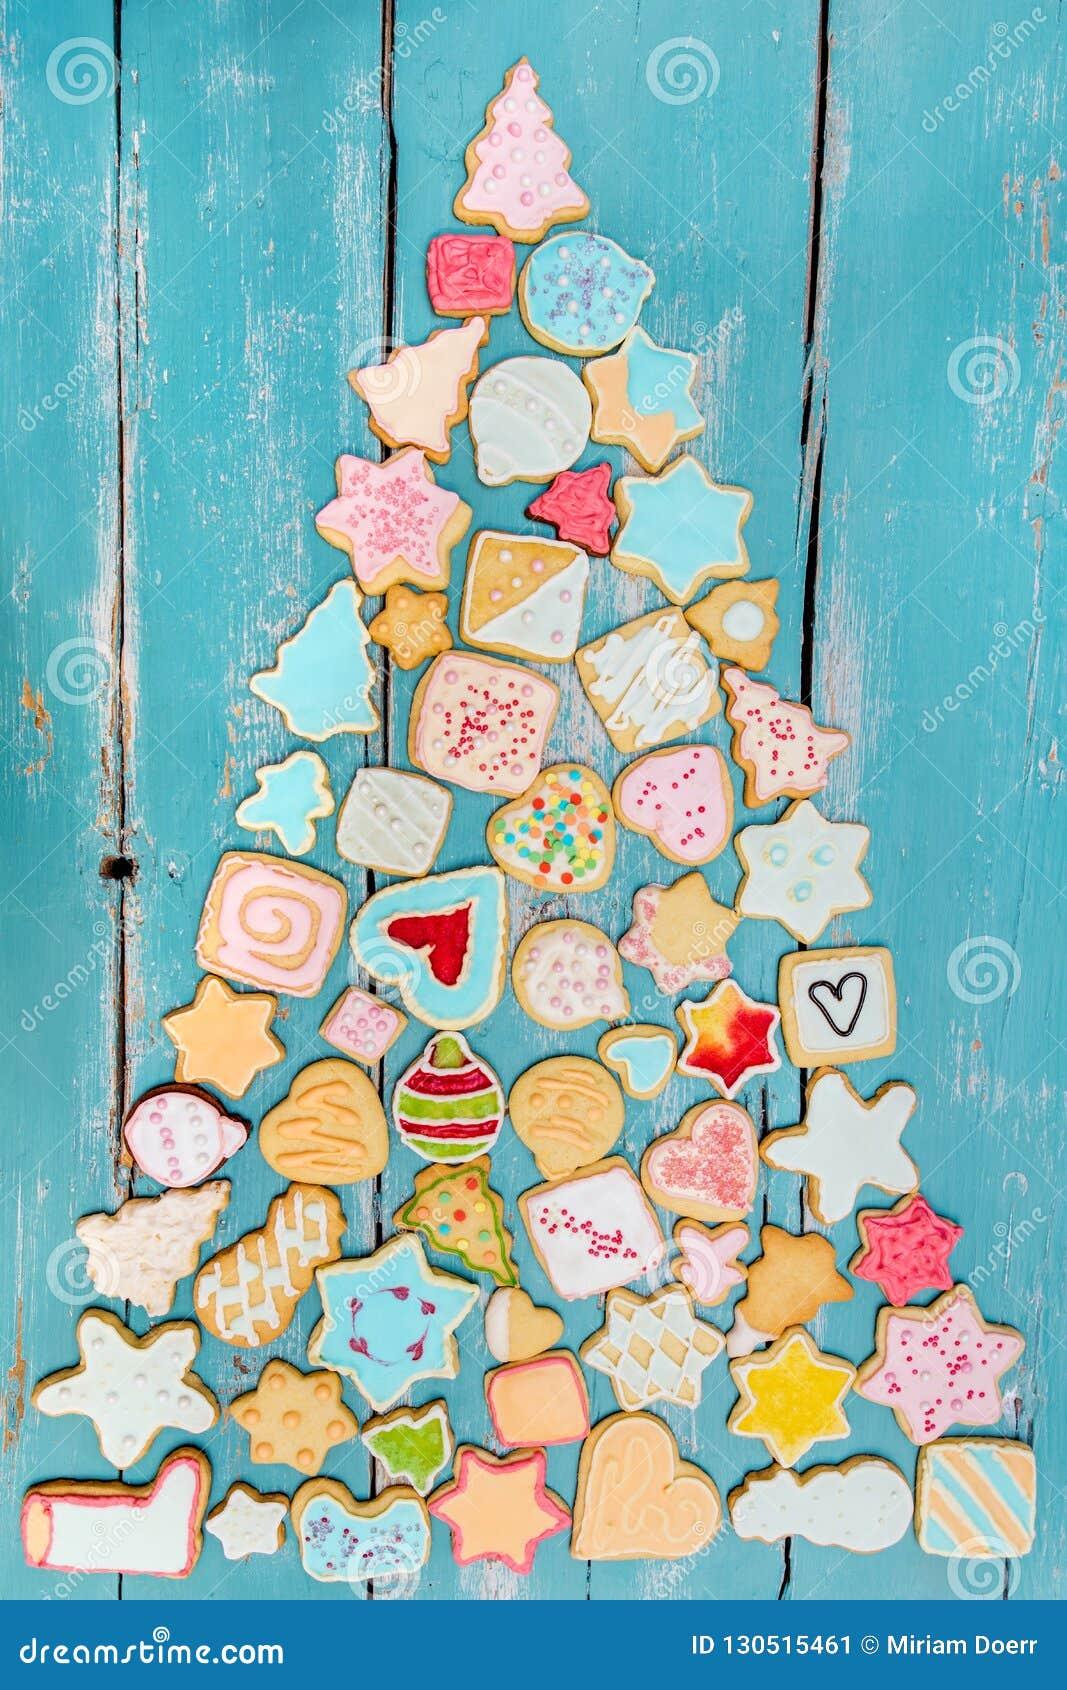 Weihnachtsbaum Weihnachten.Bunte Plätzchen Oder Kekse Formen Ein Weihnachtsbaum Oder Tannenbaum